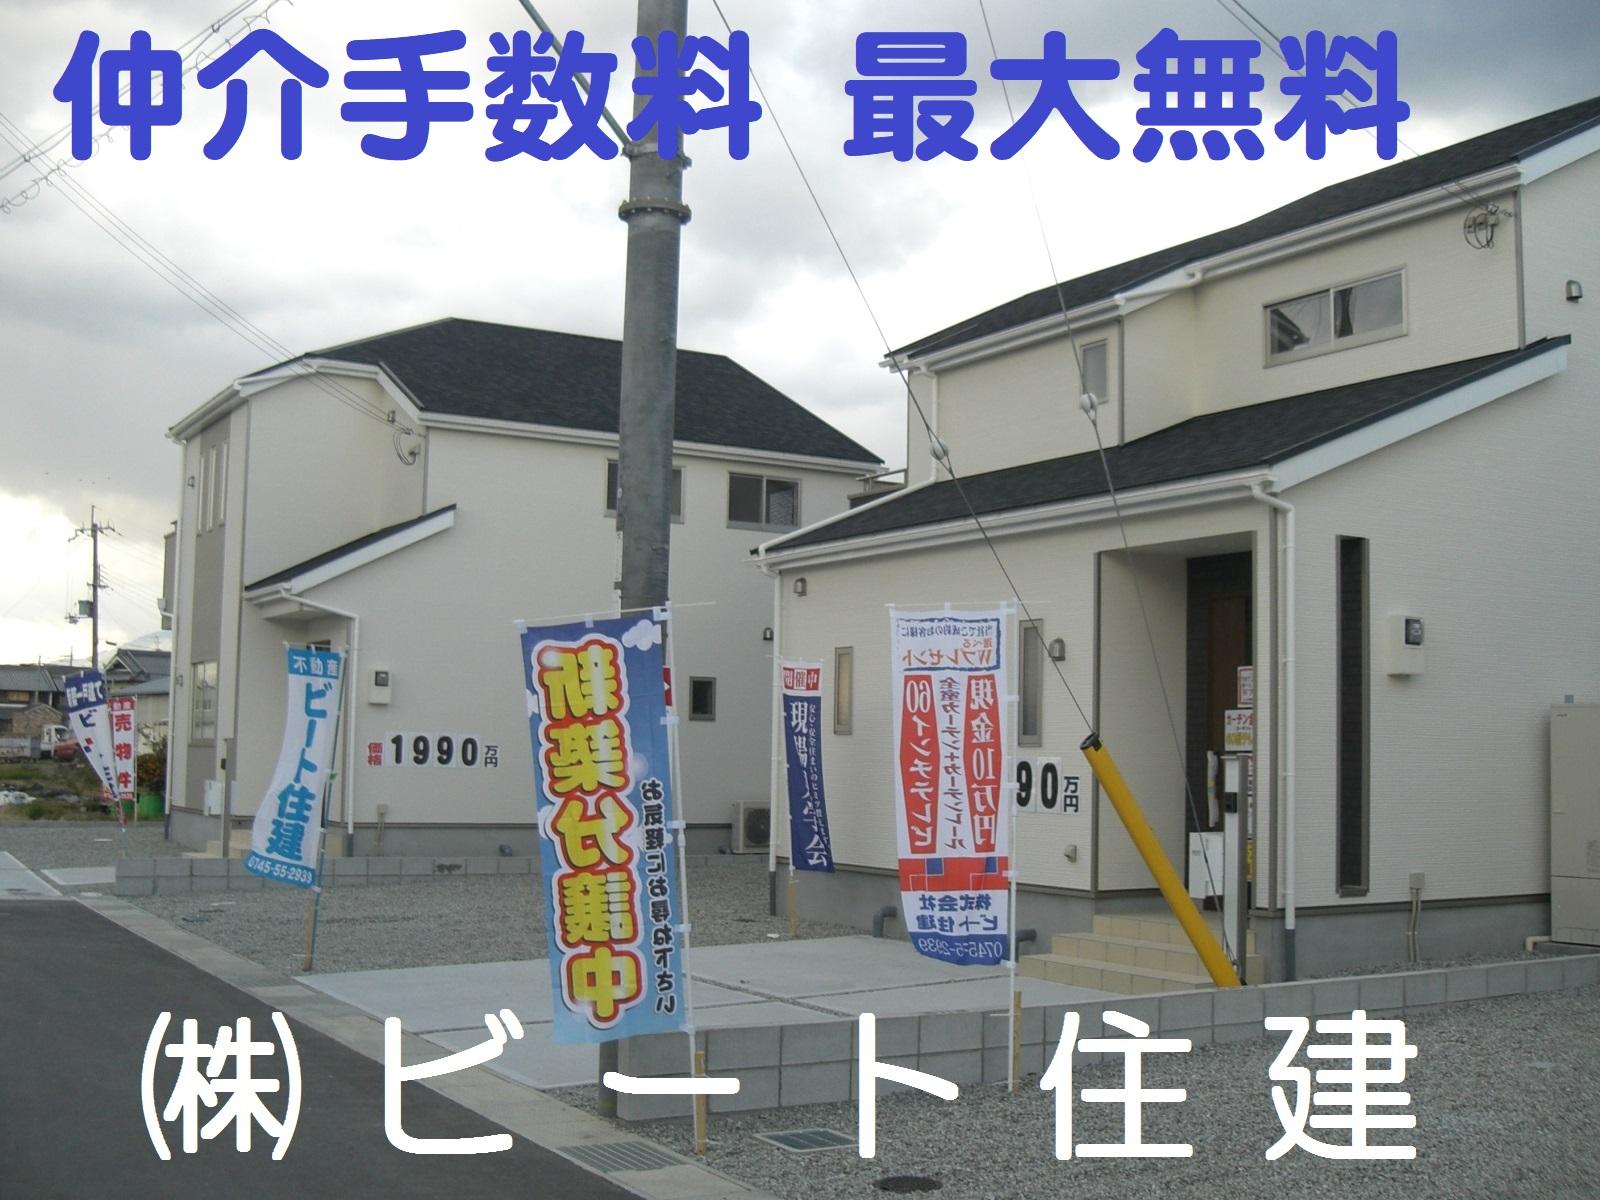 奈良県内の 新築住宅を ご購入で、仲介手数料 & 住宅ローン代行費用が 最大無料です。